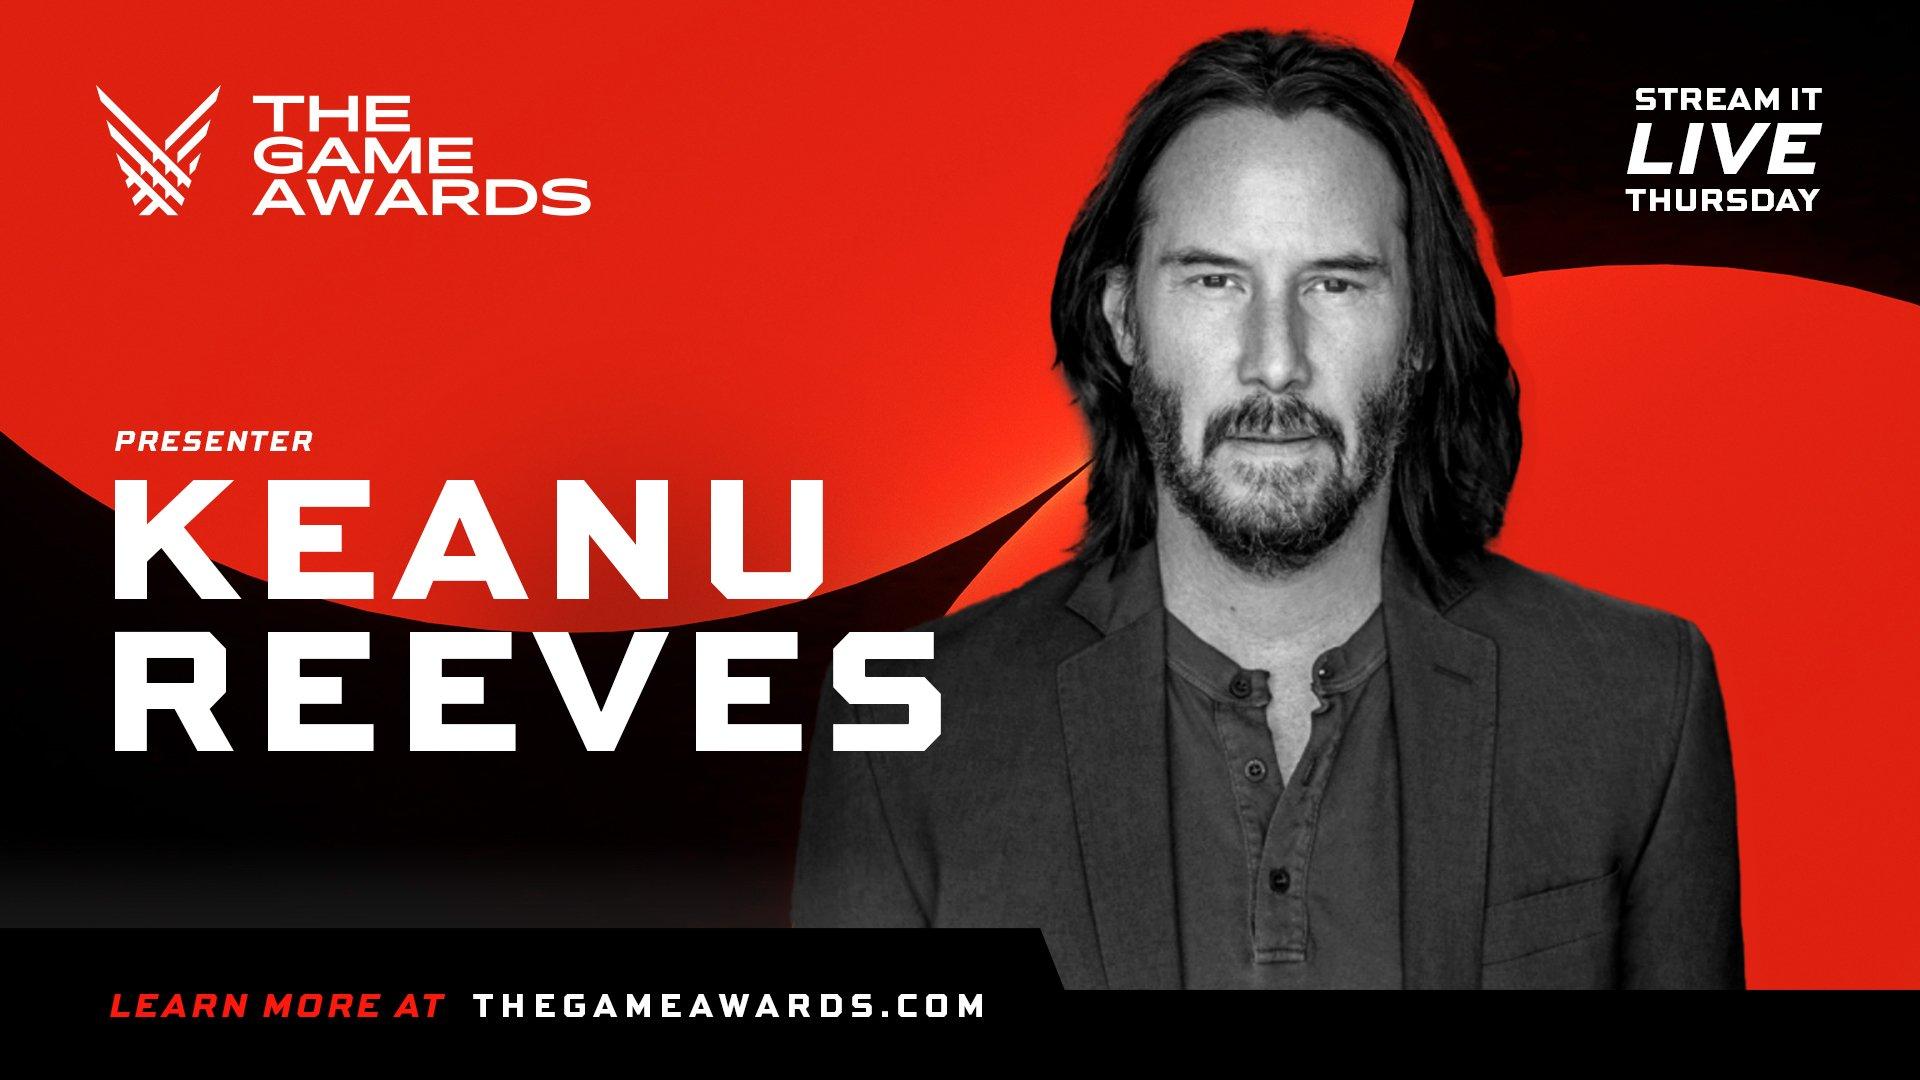 Киану Ривз пополнил список звездных гостей премии / фото thegameawards.com